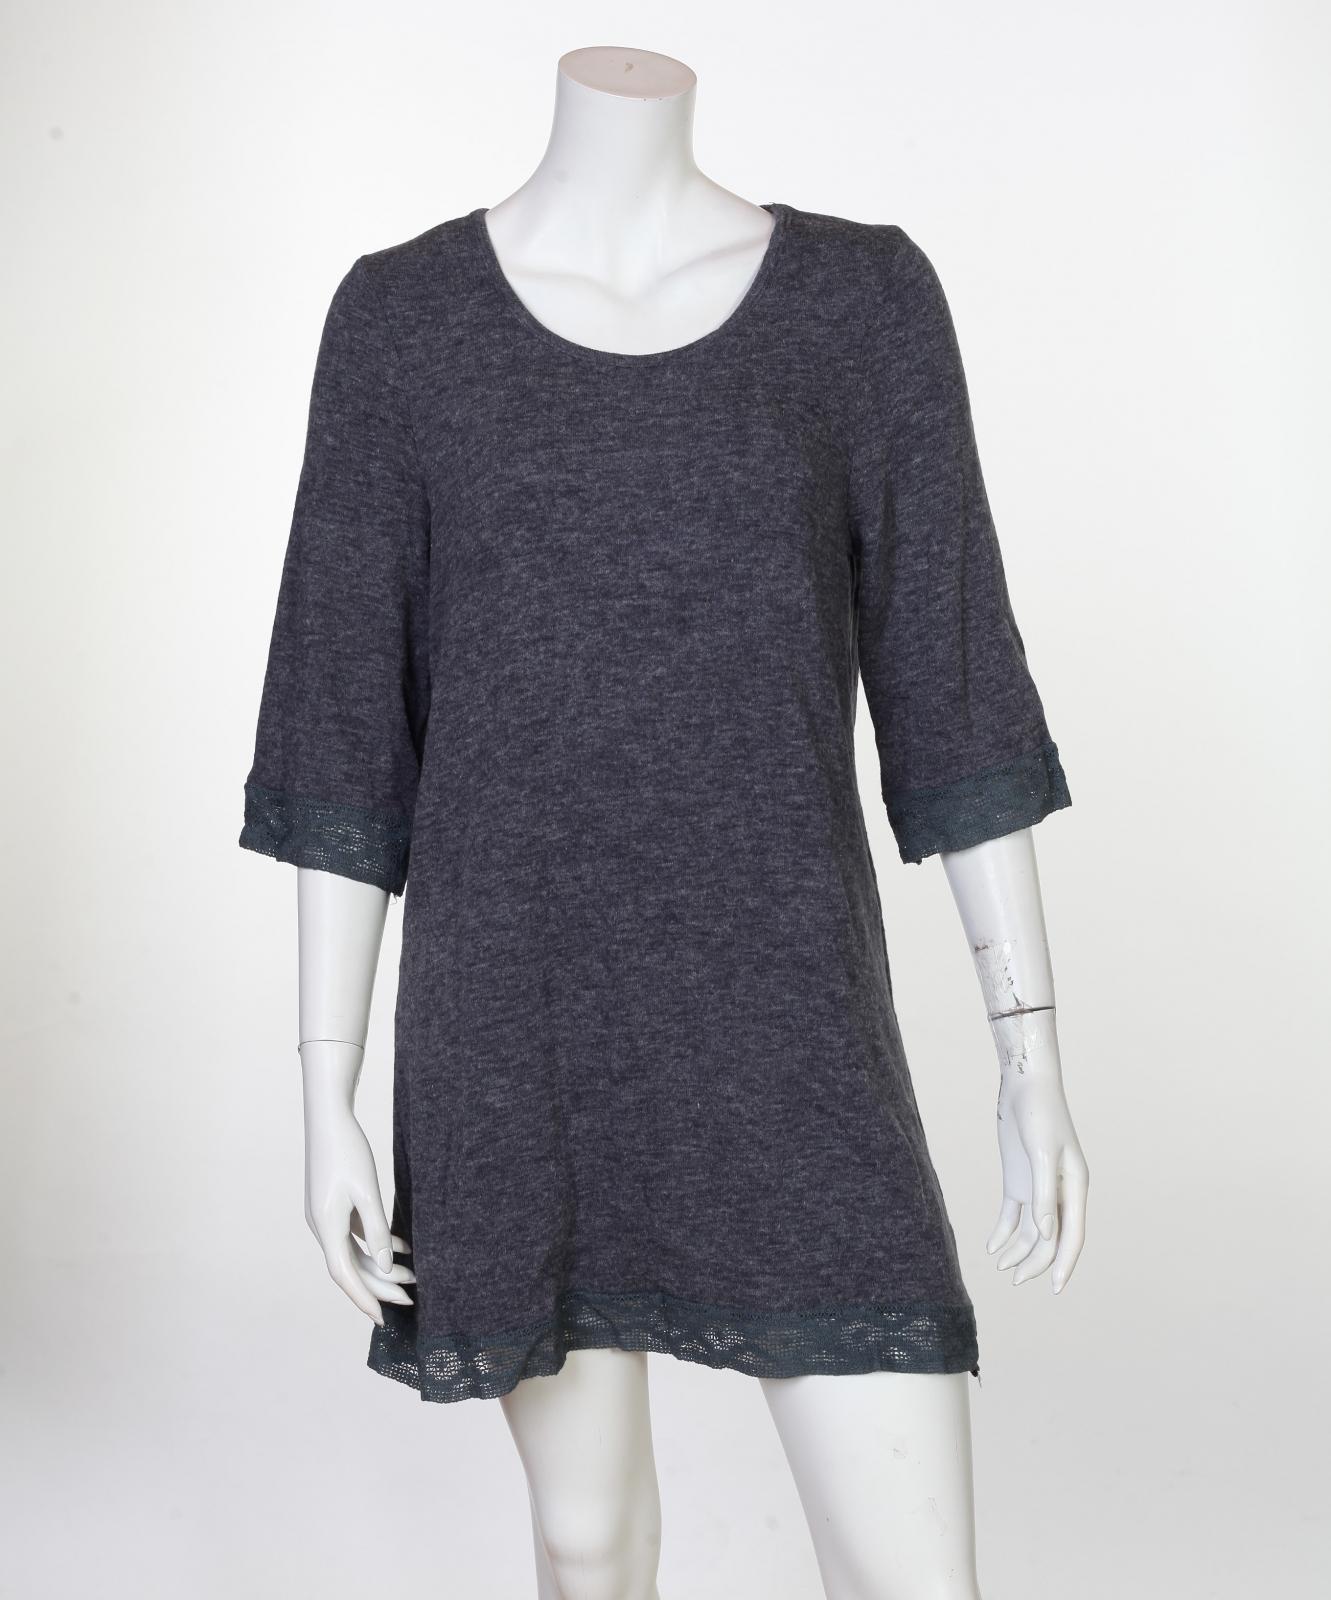 Минималистично стилизованное серое платьице